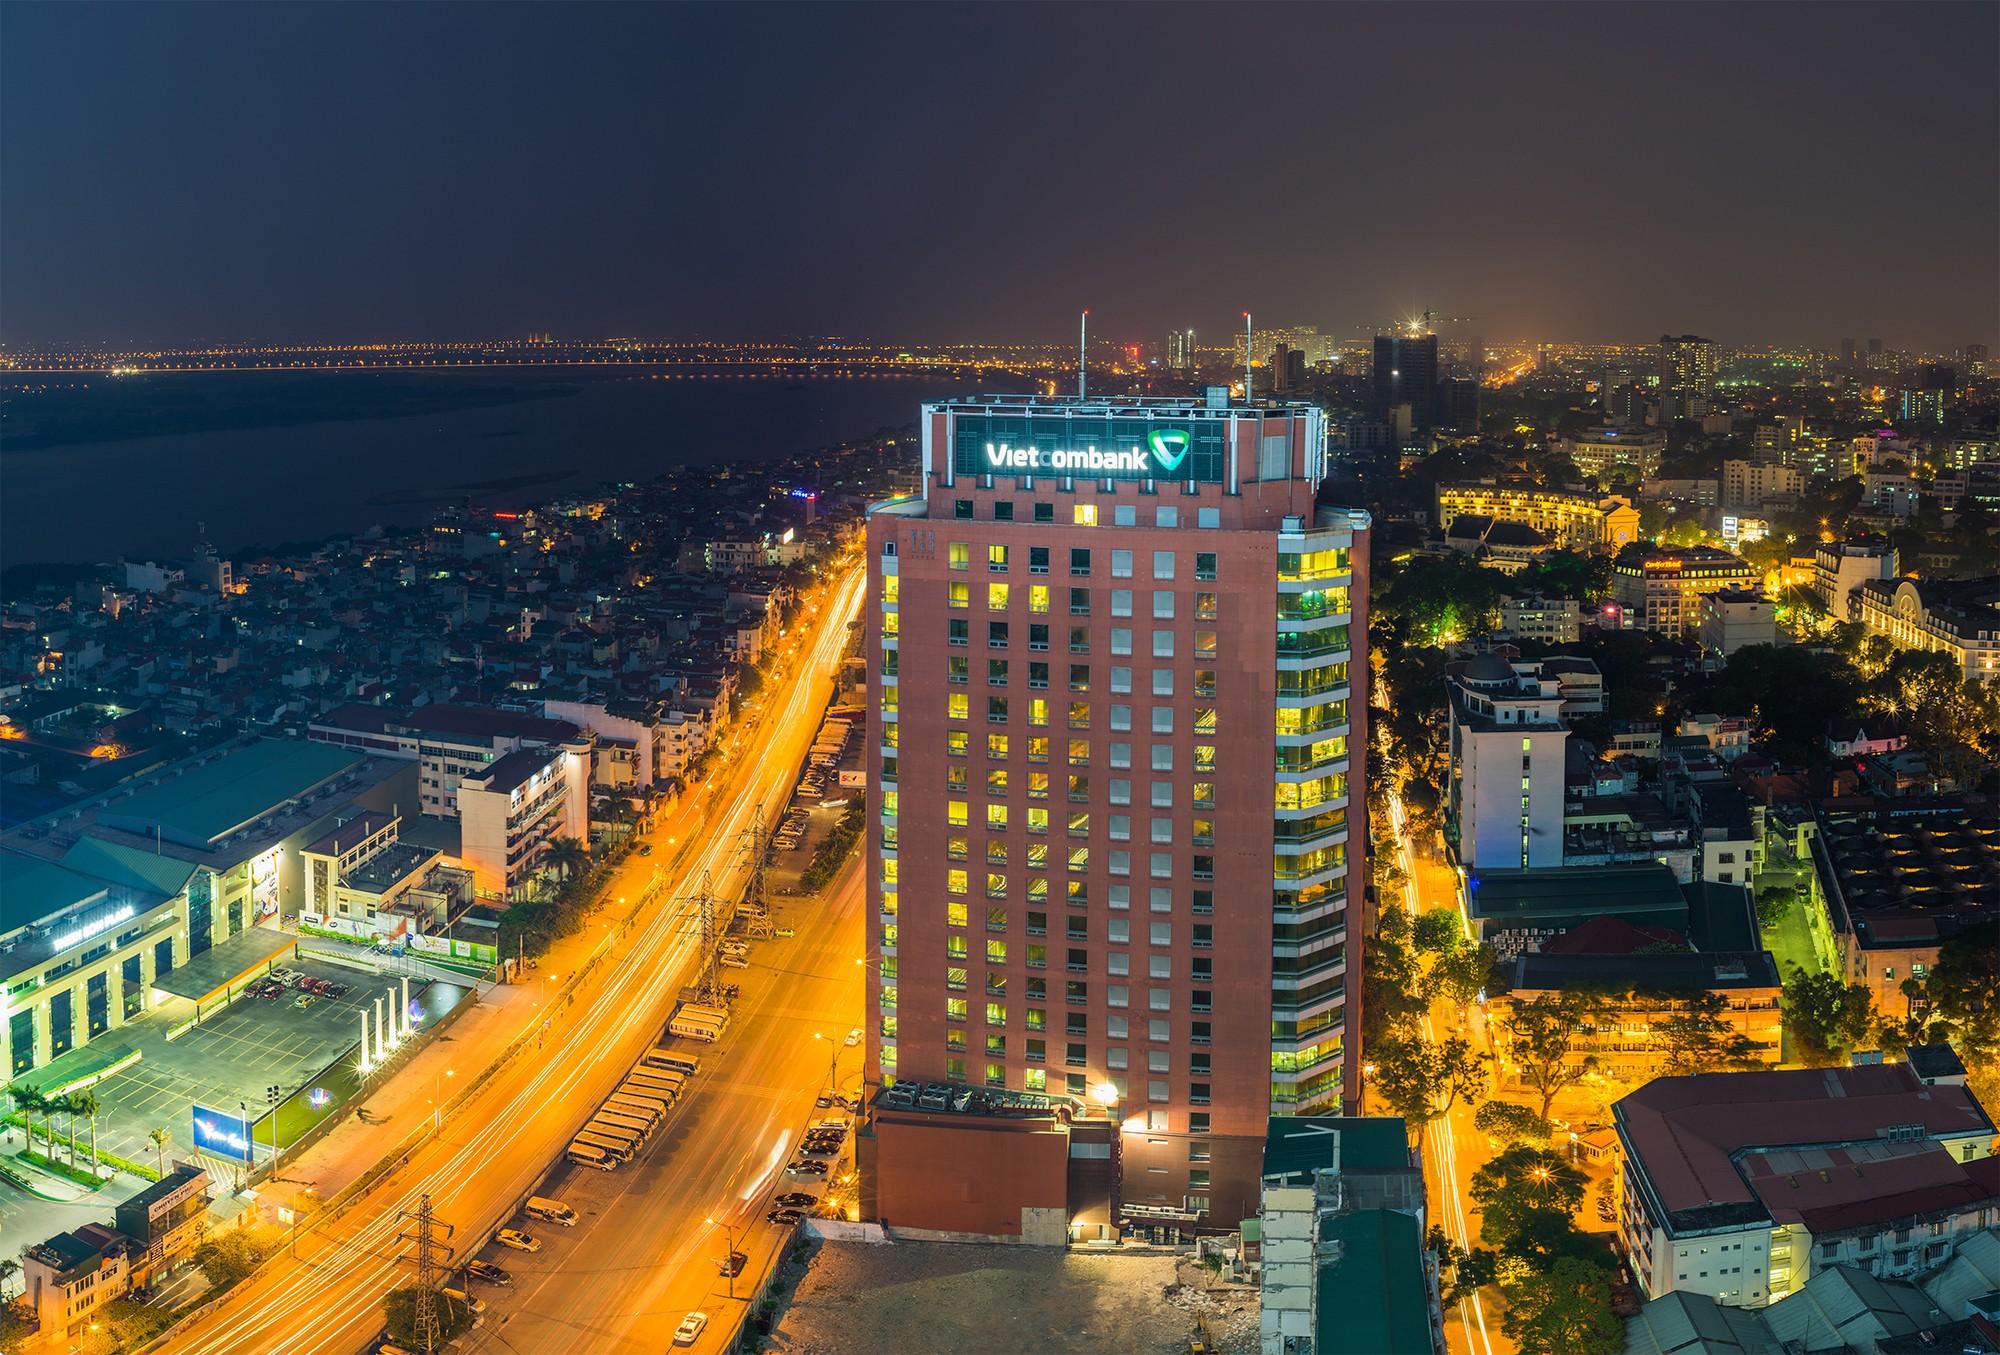 Rủi ro tín dụng bán lẻ và xoay chuyển cực khó trong mục tiêu 2 tỷ USD lợi nhuận Vietcombank